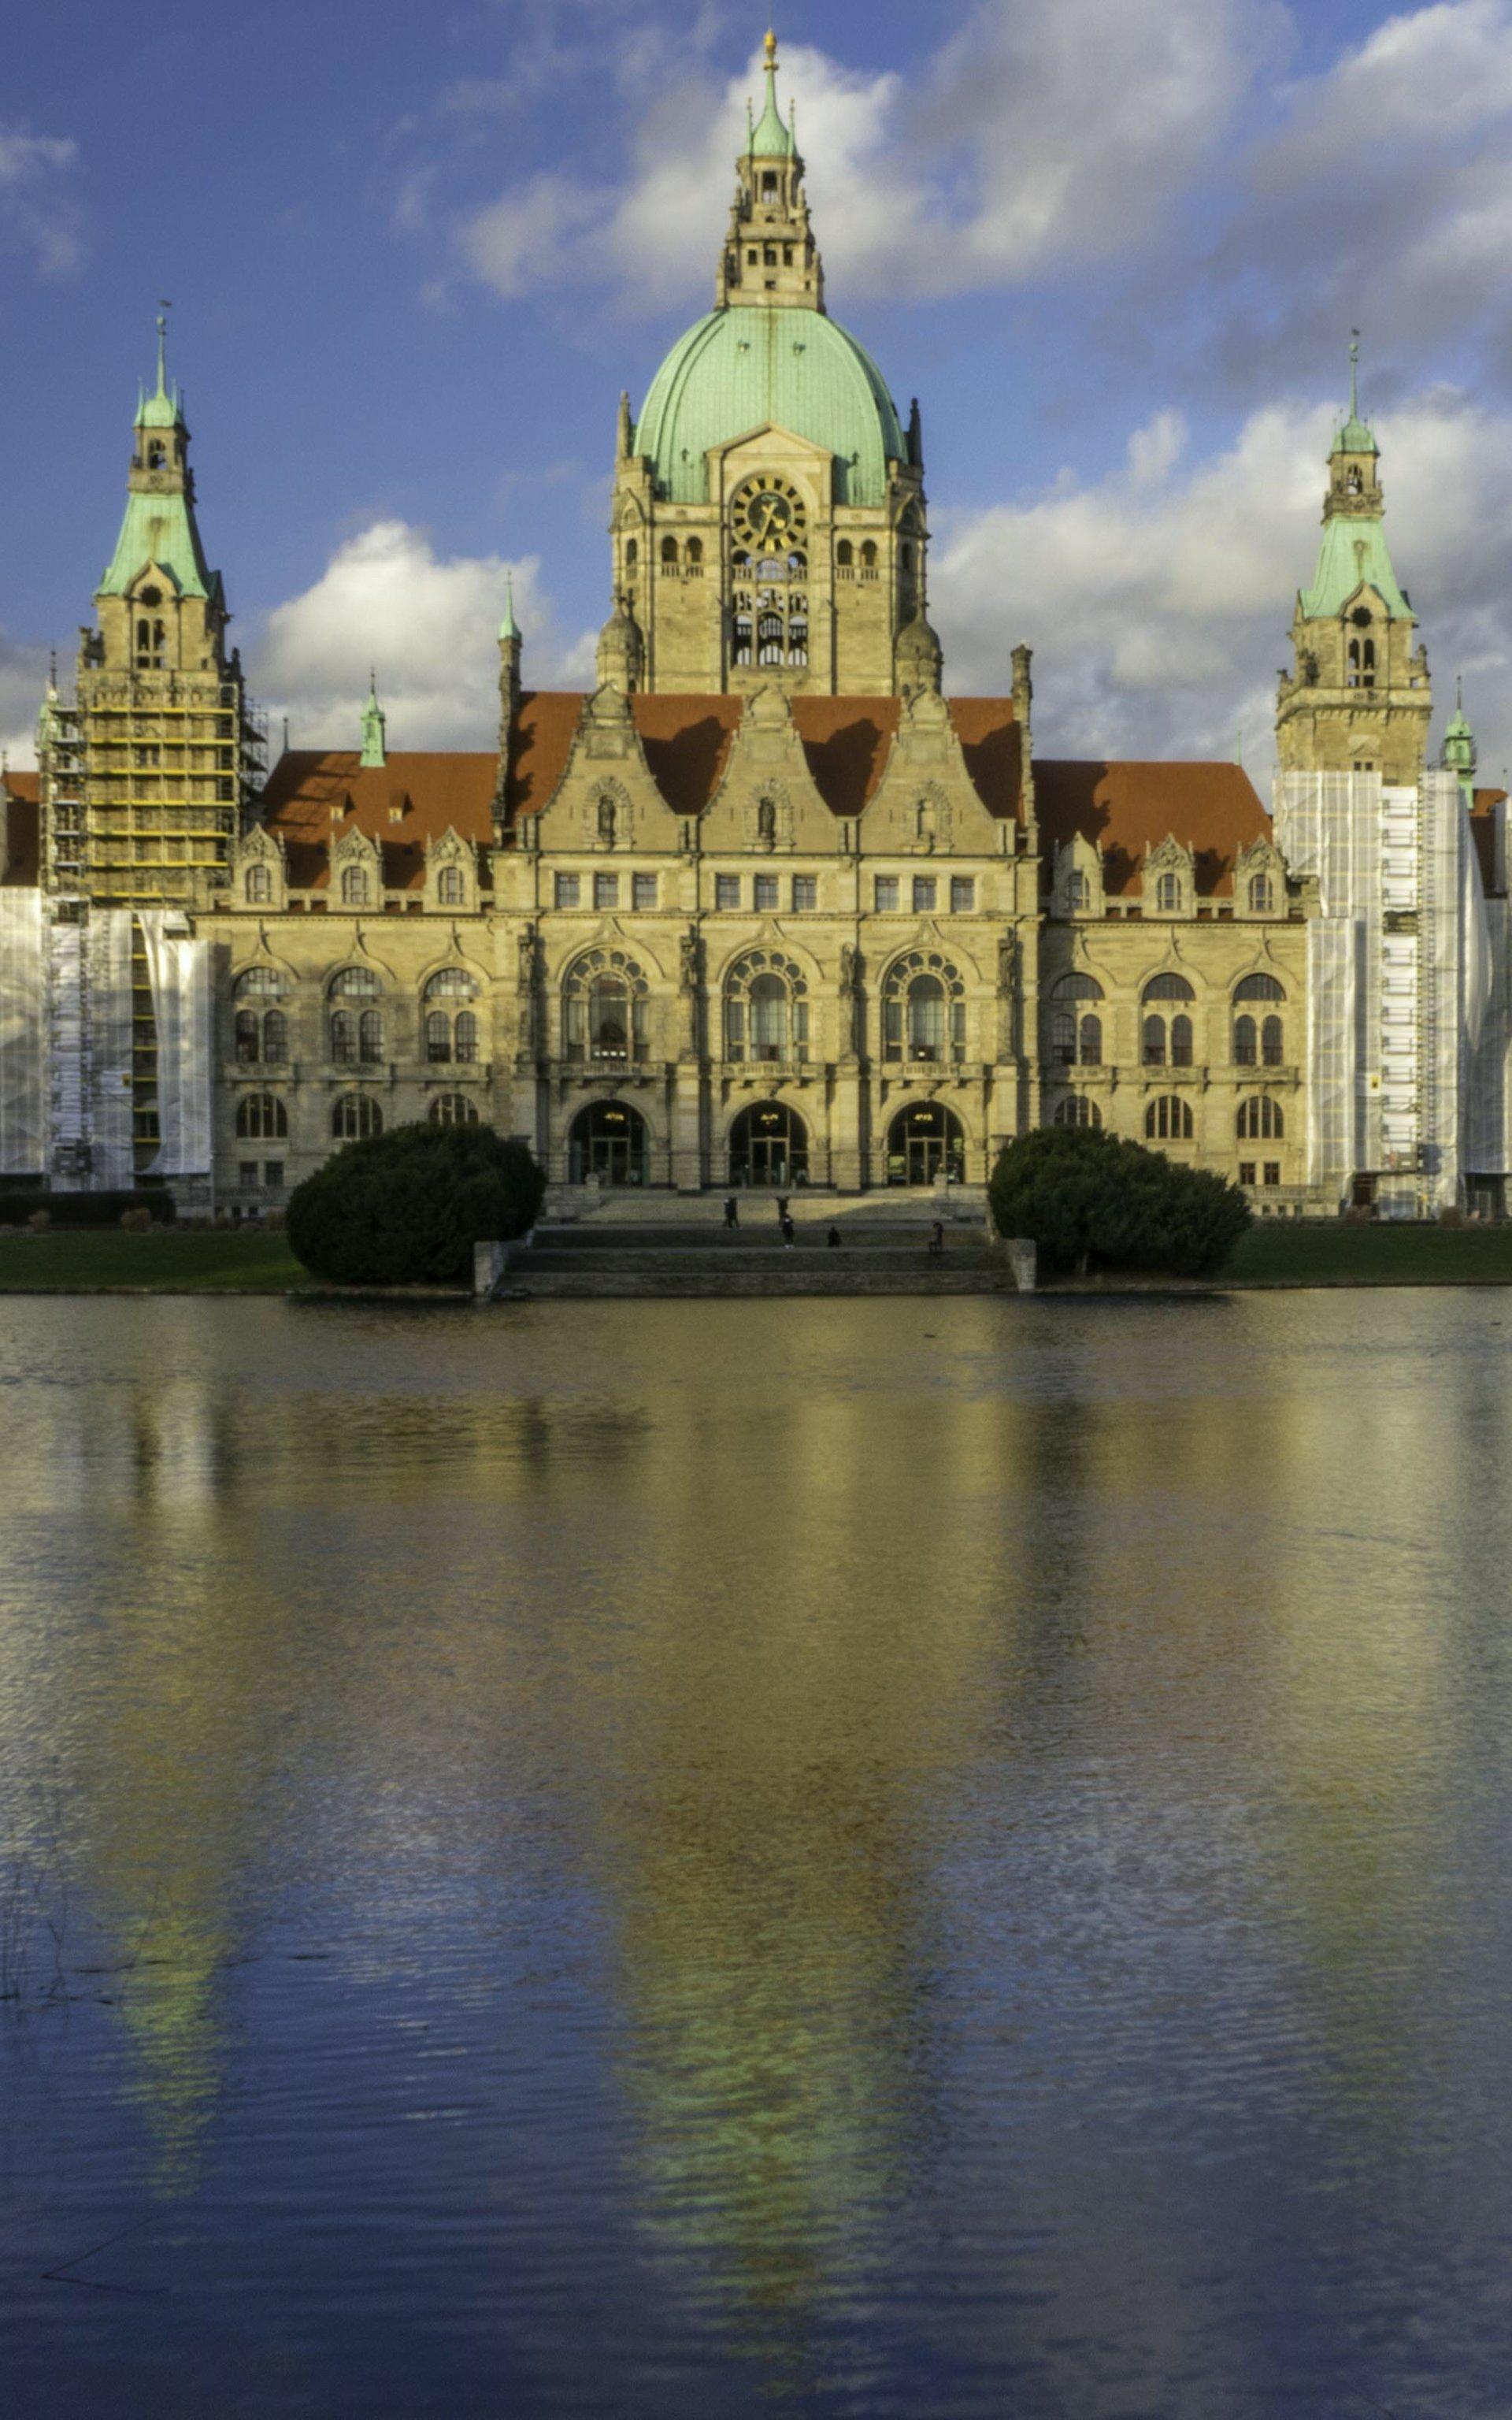 Neues Rathaus vom Schottischen Kreuz im Maschpark